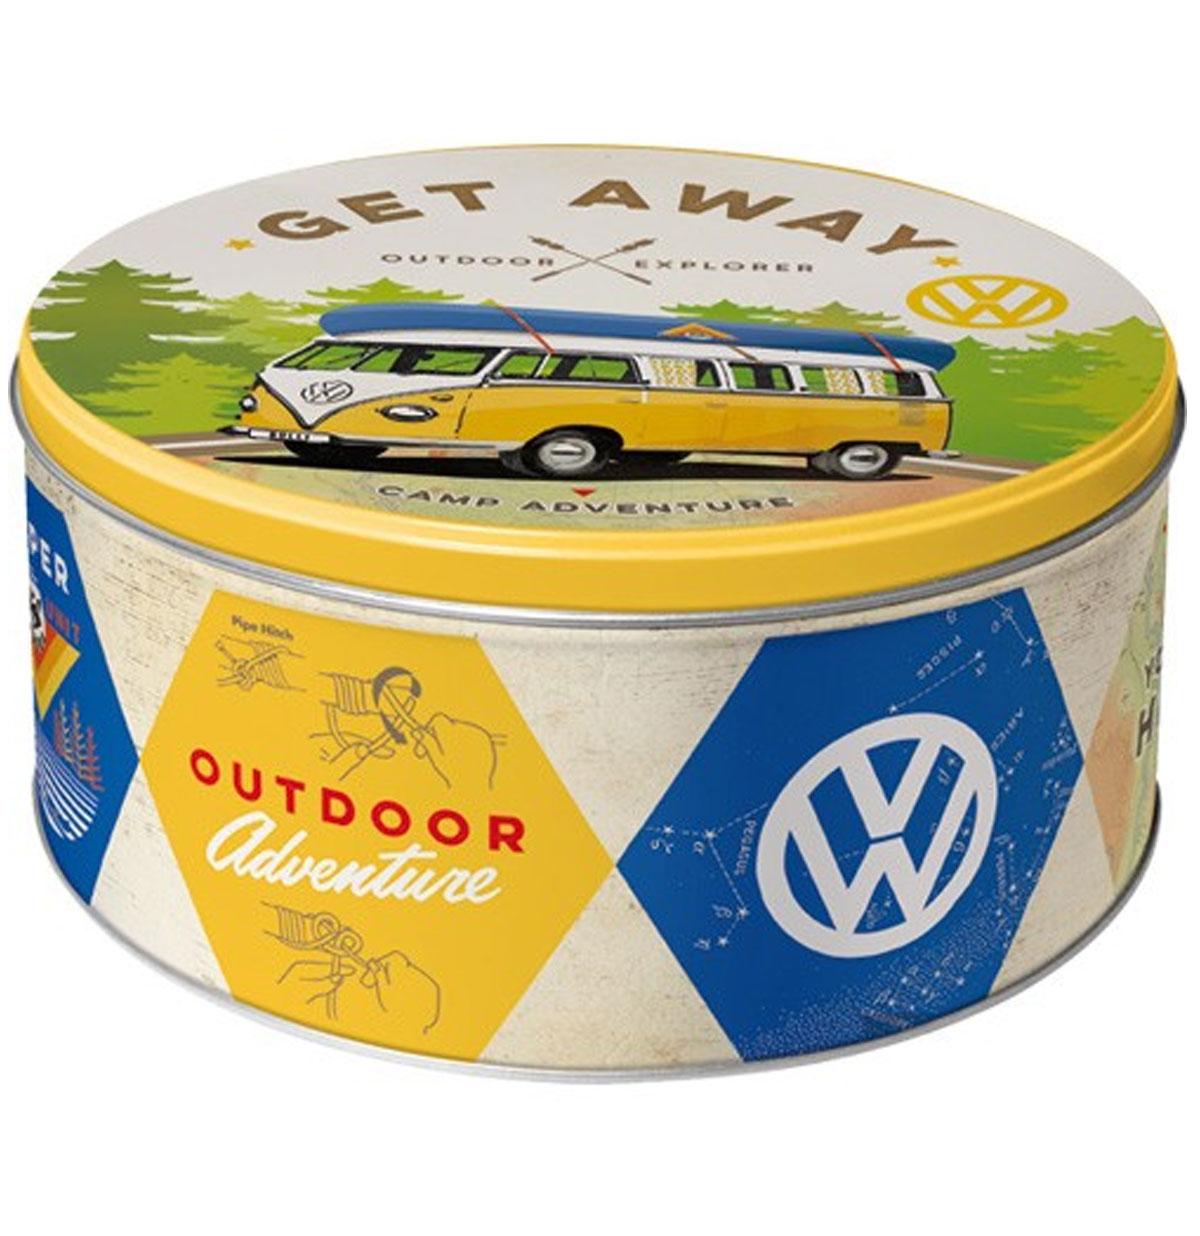 Volkswagen Get Away Outdoor Adventure Tinnen Blik Rond